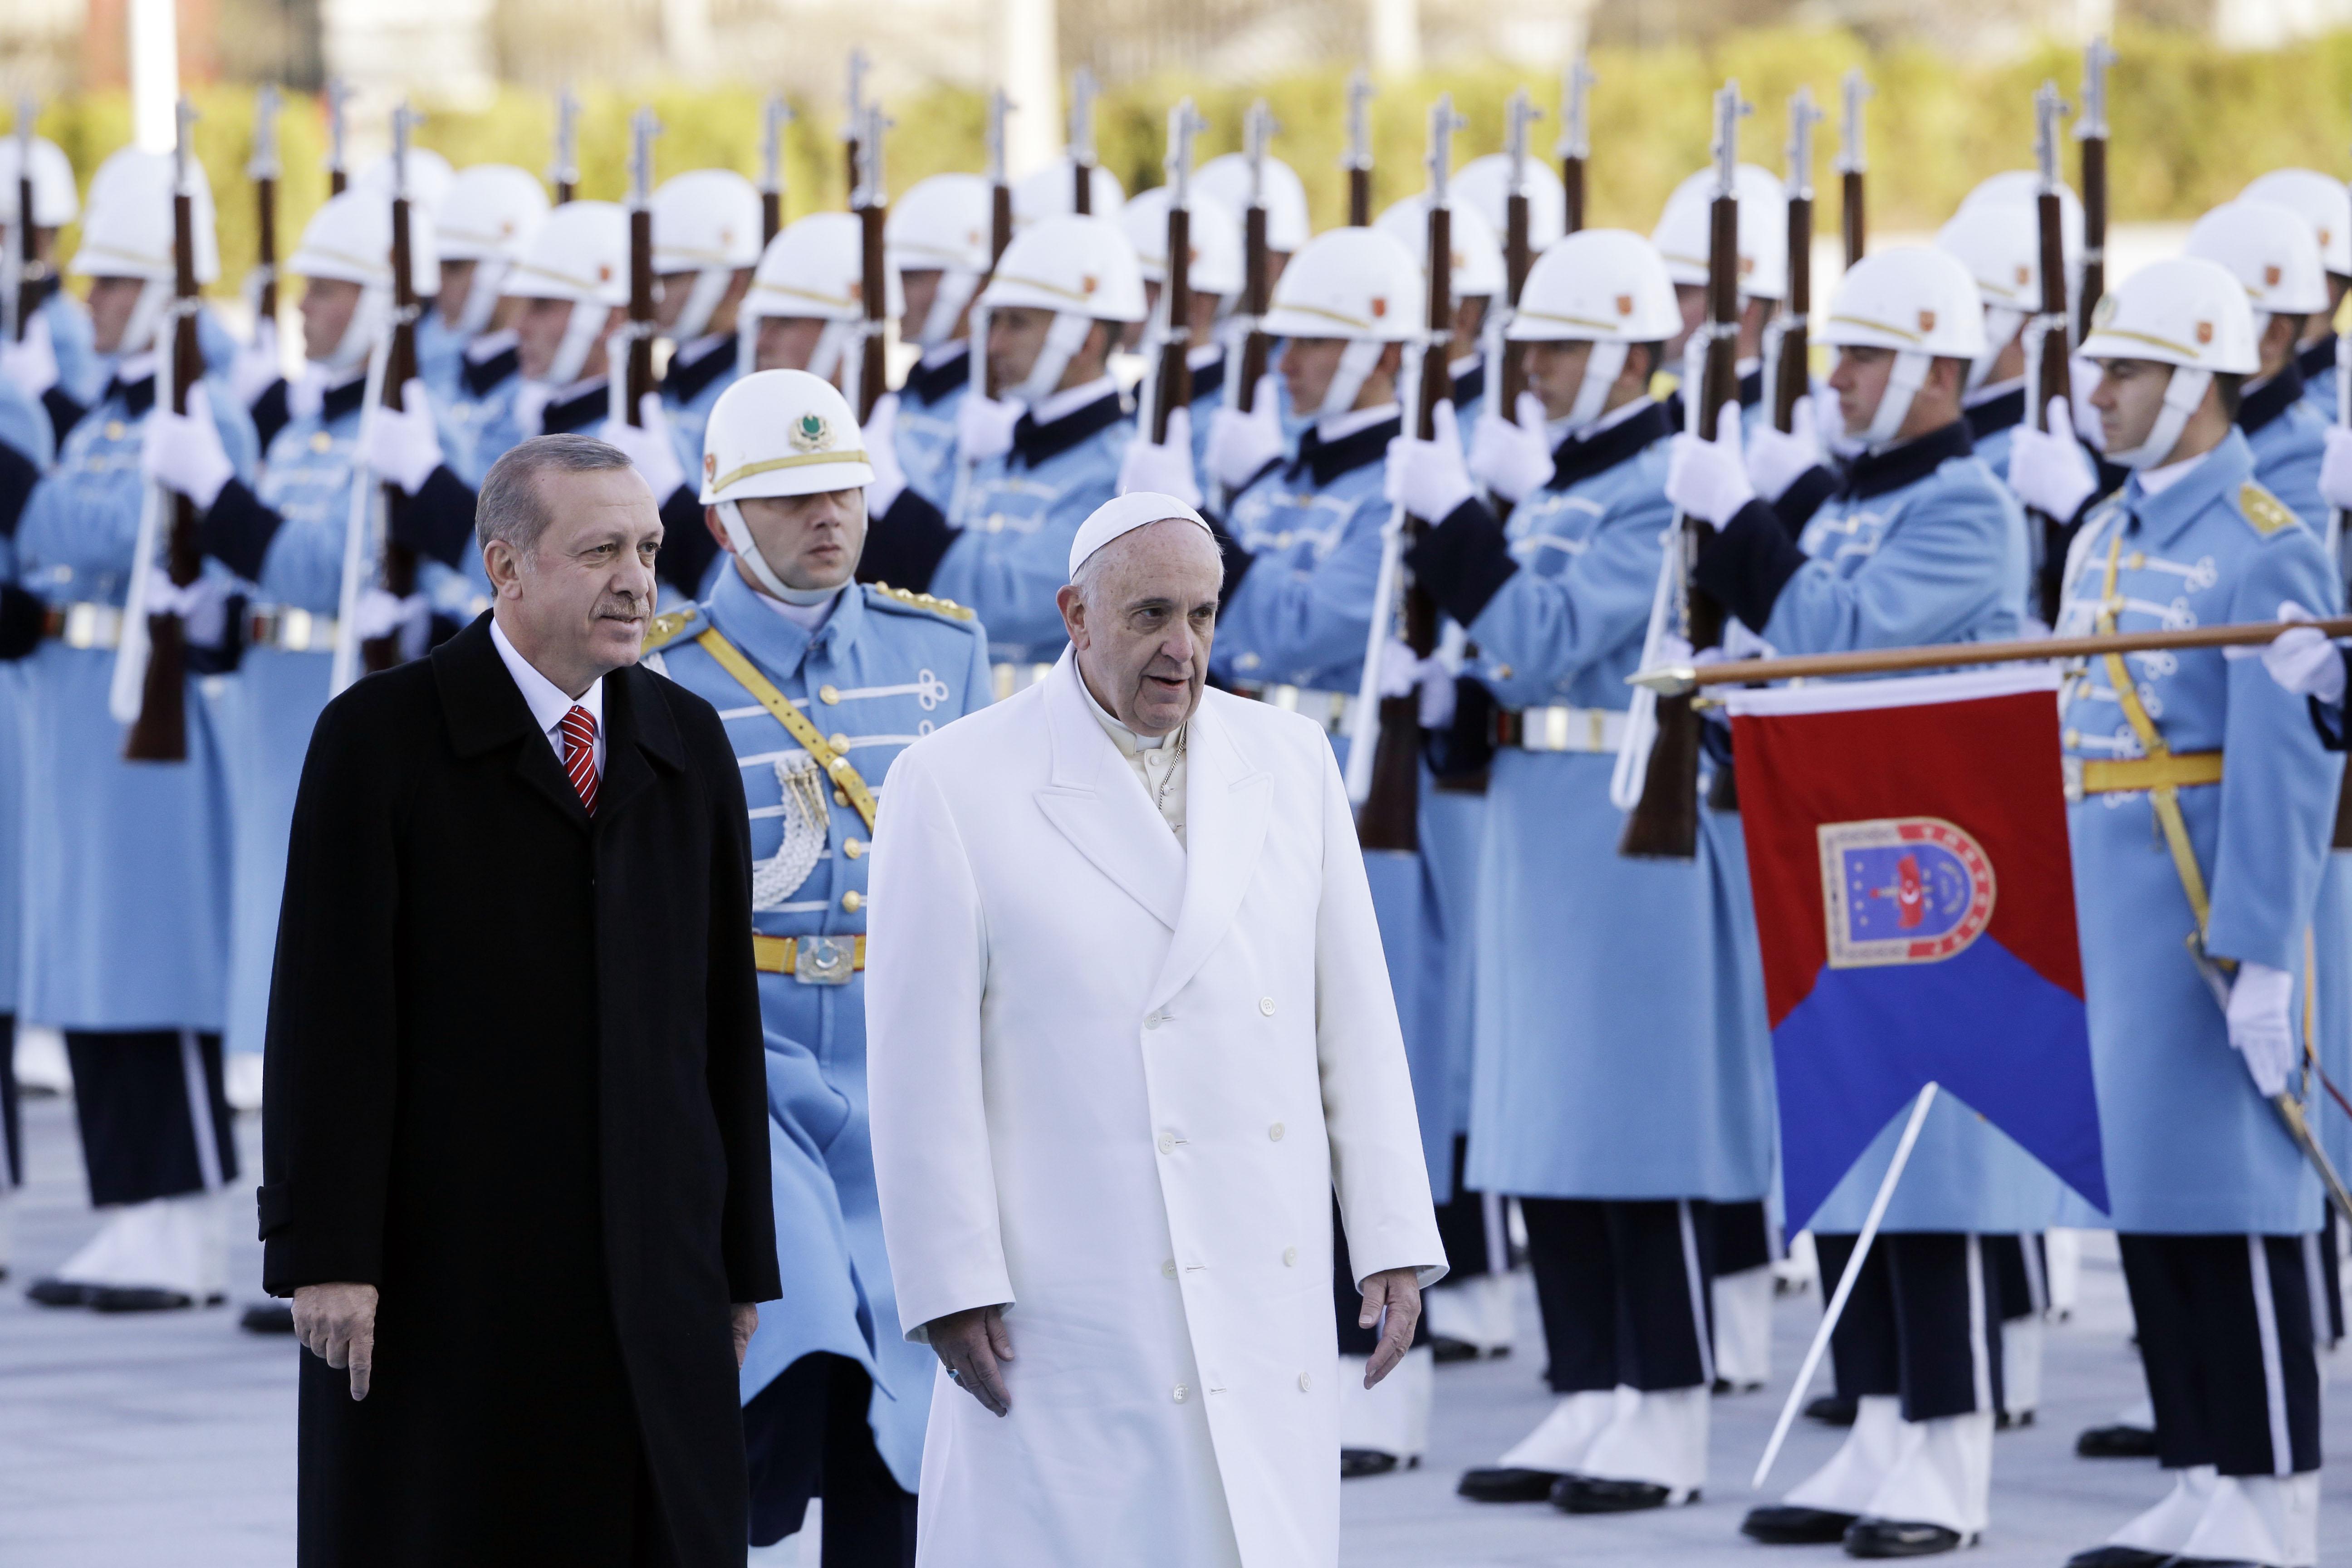 Kuva: Erdogan ja paavi